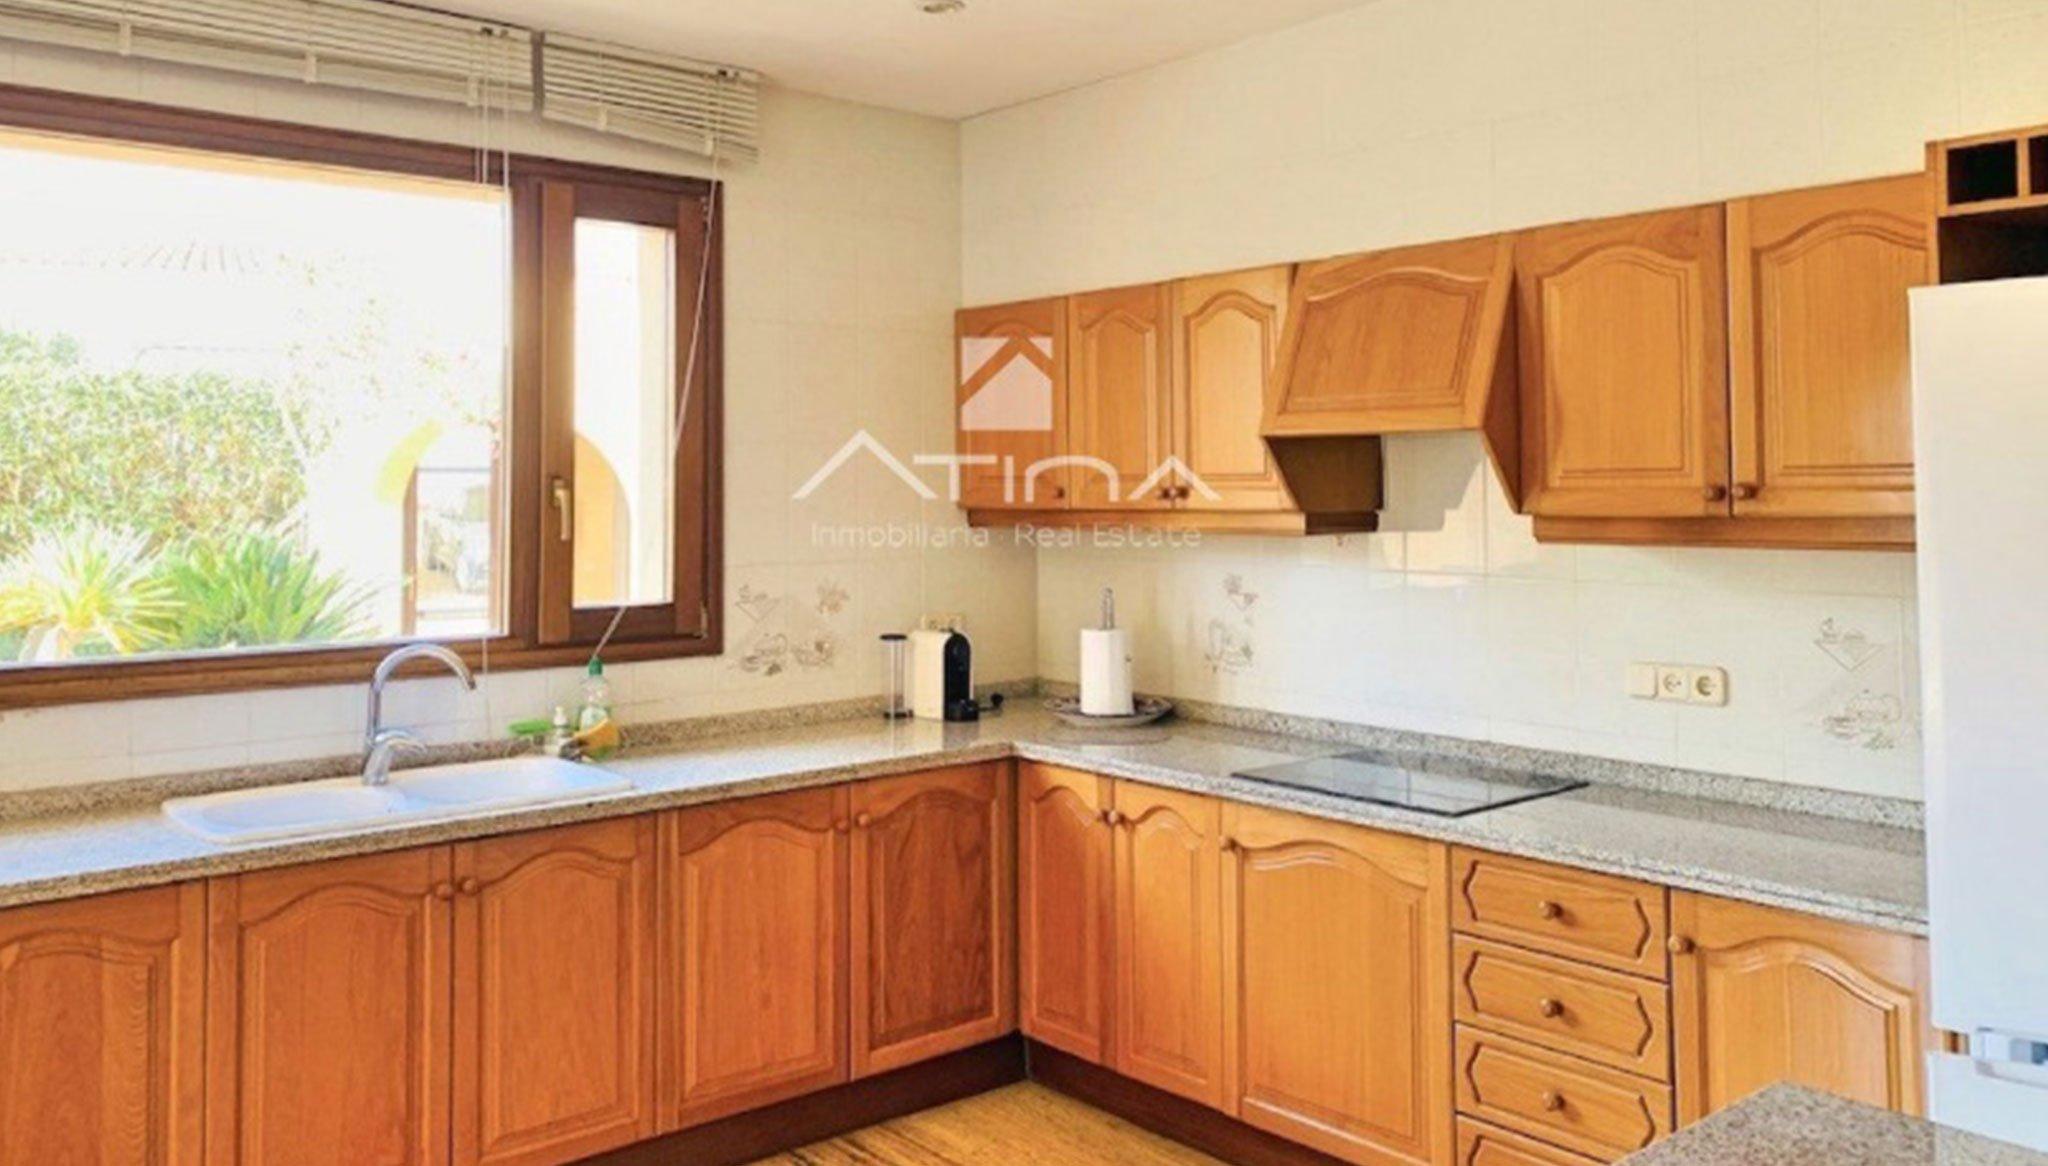 Cocina de una casa de lujo en venta en Jávea – Atina Inmobiliaria